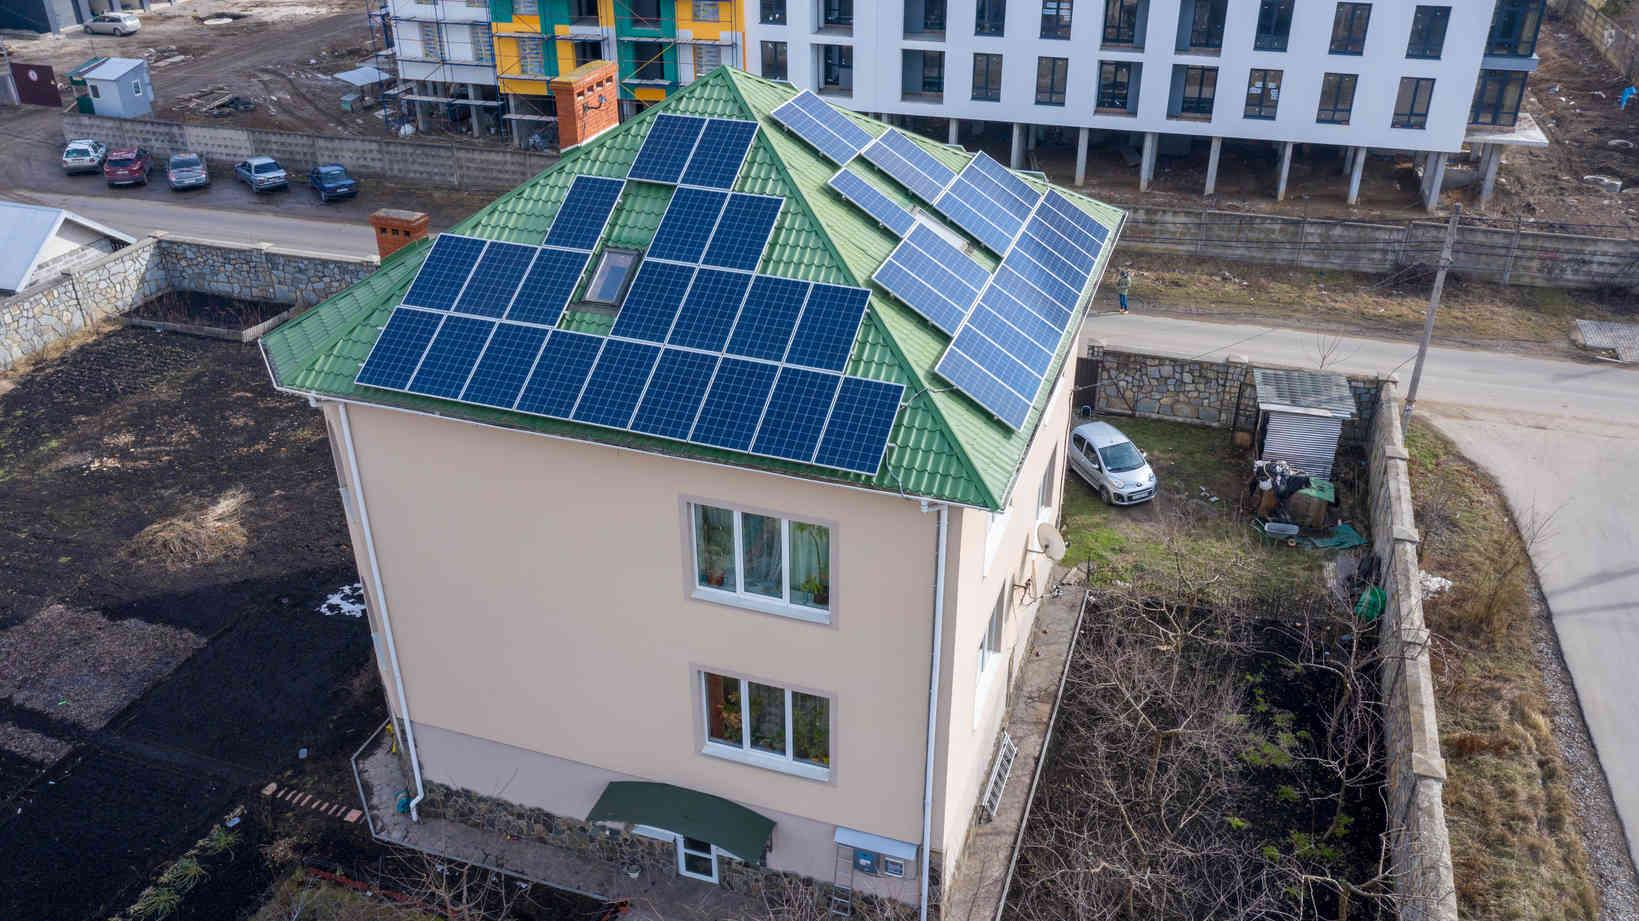 Мережева сонячна електростанція (СЕС) потужністю 15,12 кВт – Фотозвіт #4